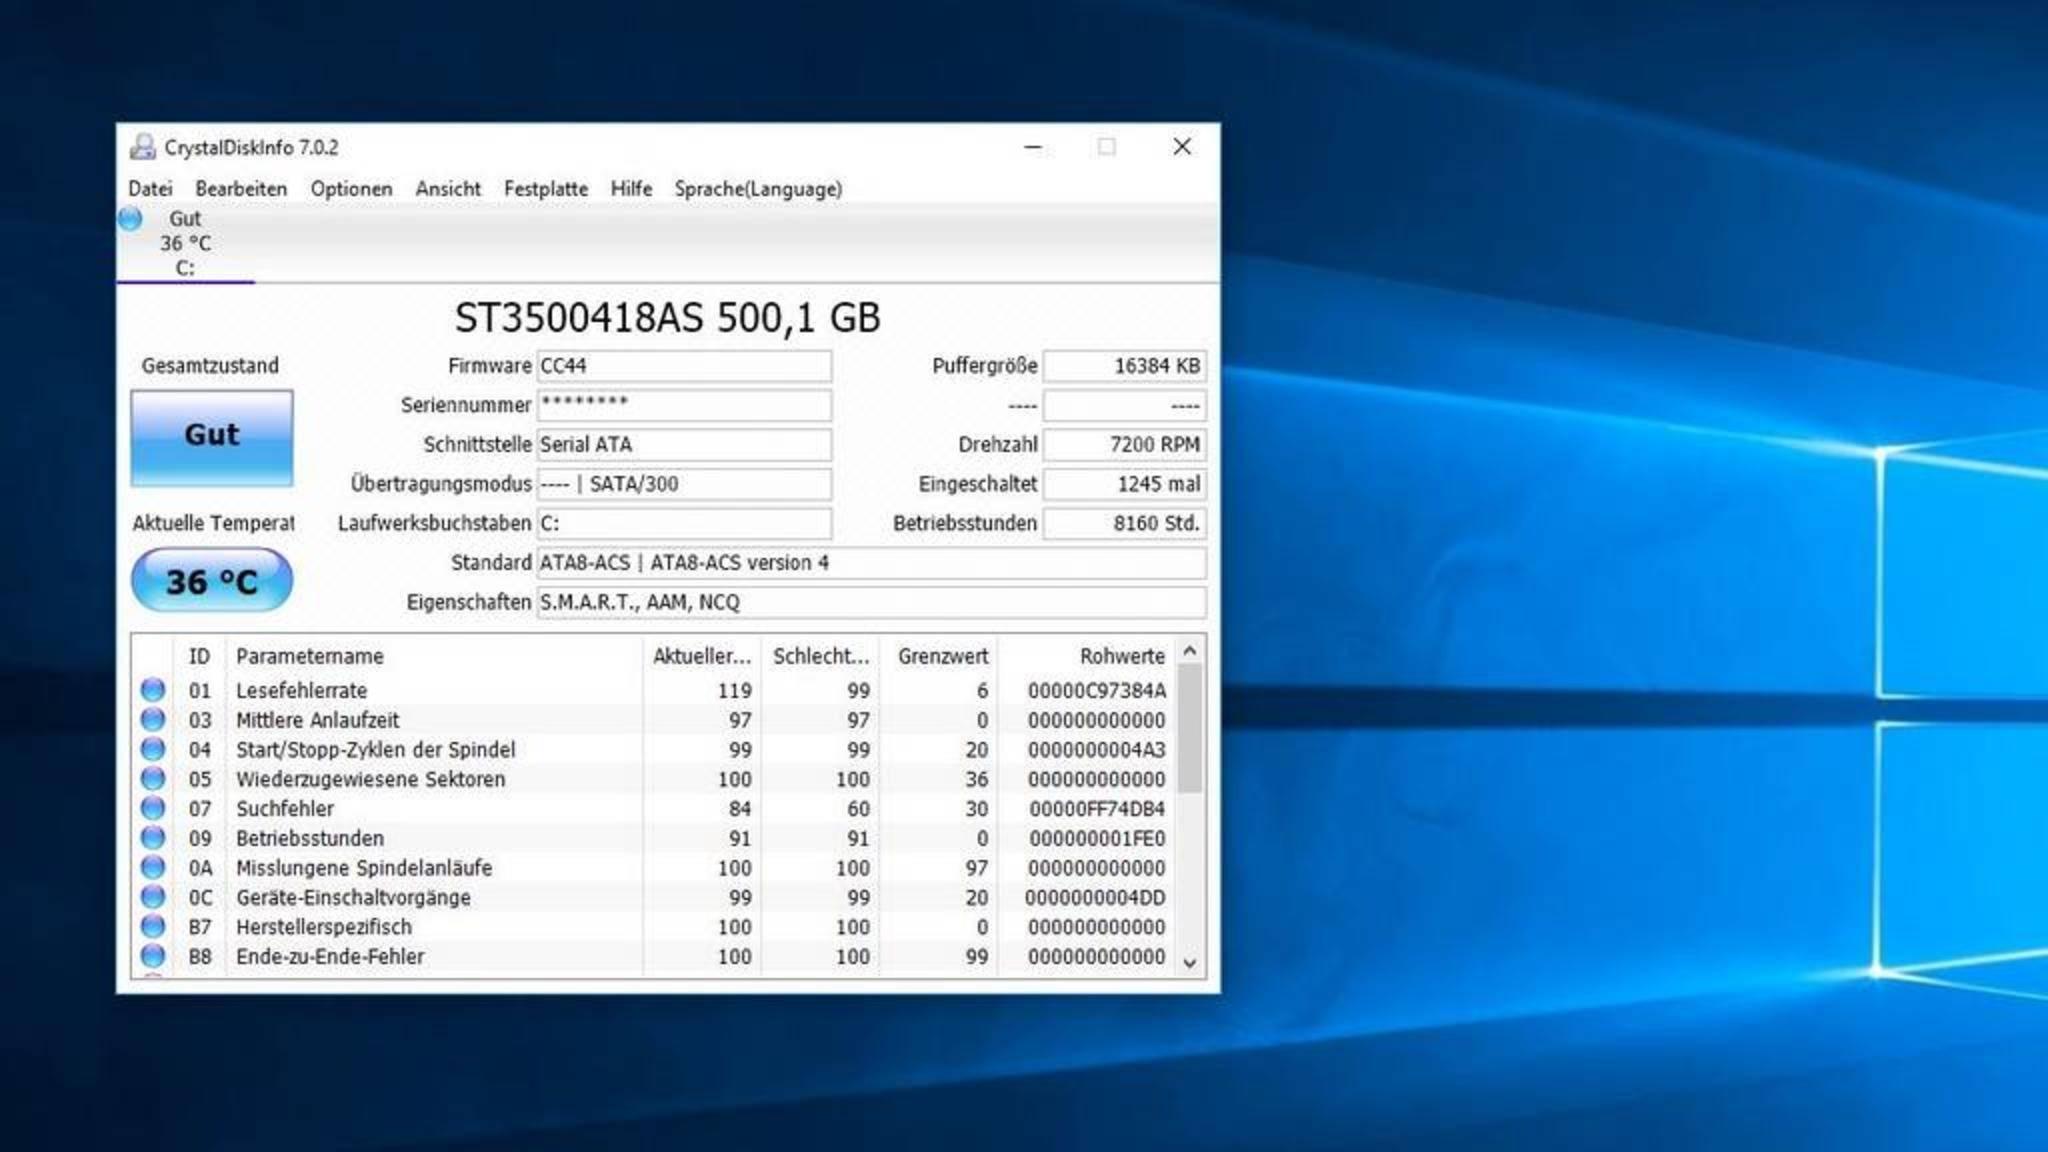 CrystalDiskInfo liefert alle wichtigen Informationen zu den verbauten Festplatten.